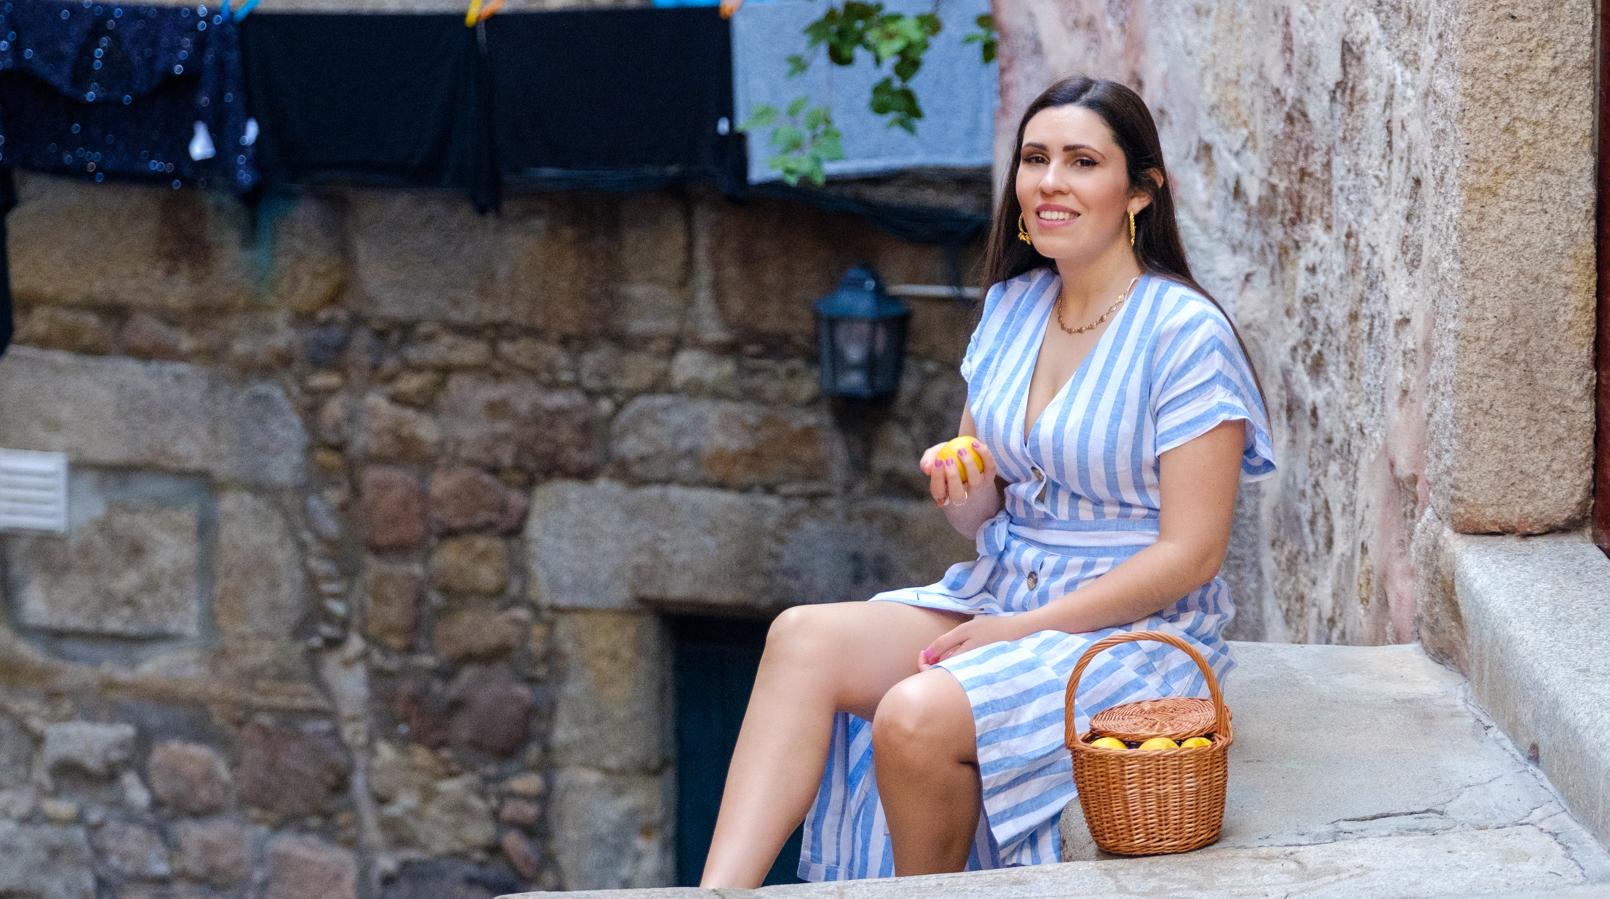 Le Fashionaire Pensamento positivo: Se a vida nos der limões, sirvamos uma tequila! vestido linho azul riscas brancas mango cesta verga la petite sardine colar conchas douradas stradivarius 8070F PT